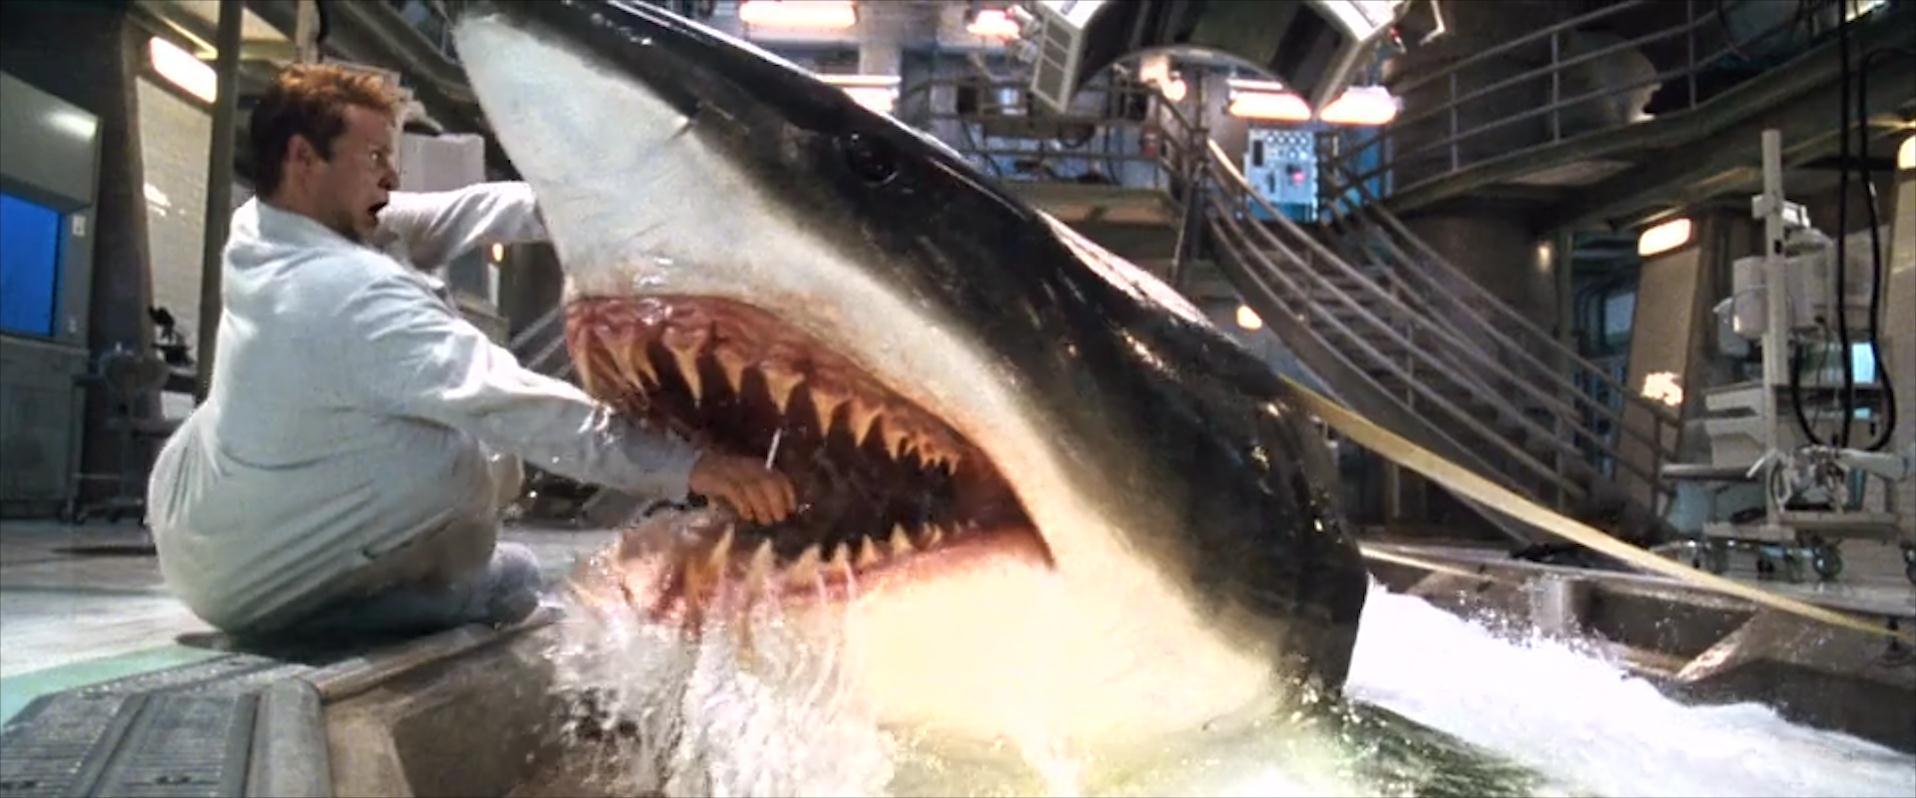 #惊悚看电影#3条变异鲨鱼从实验室逃脱,智商爆棚善用计谋,反过来猎杀人类